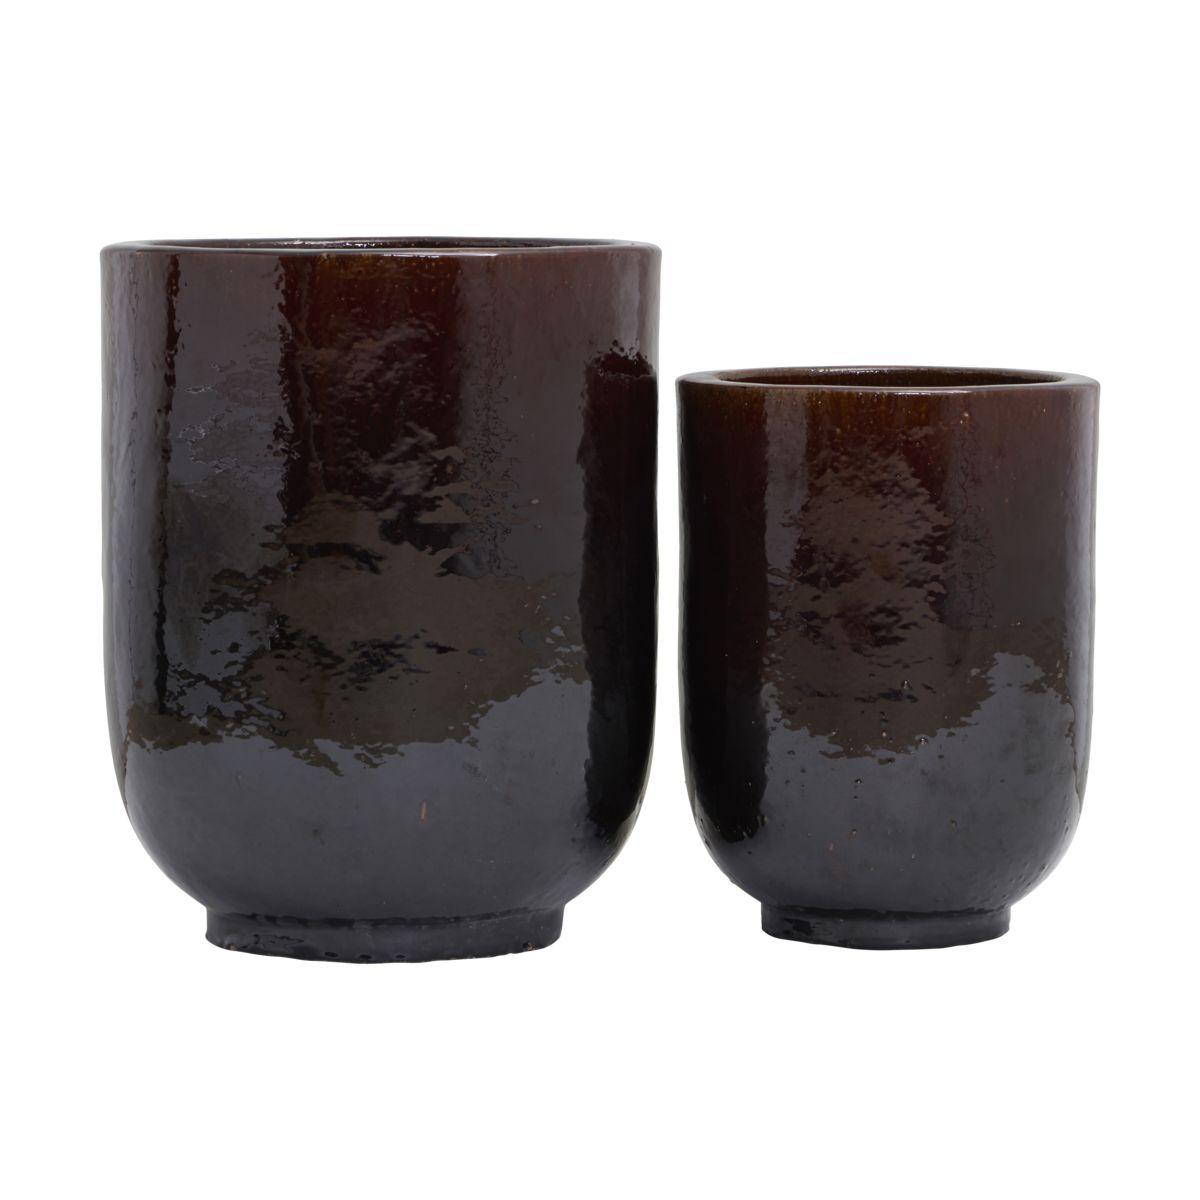 House doctor pho potte - mørkebrunt keramik m. glasur (sæt m. 2) (ø 35/45) fra house doctor på boboonline.dk